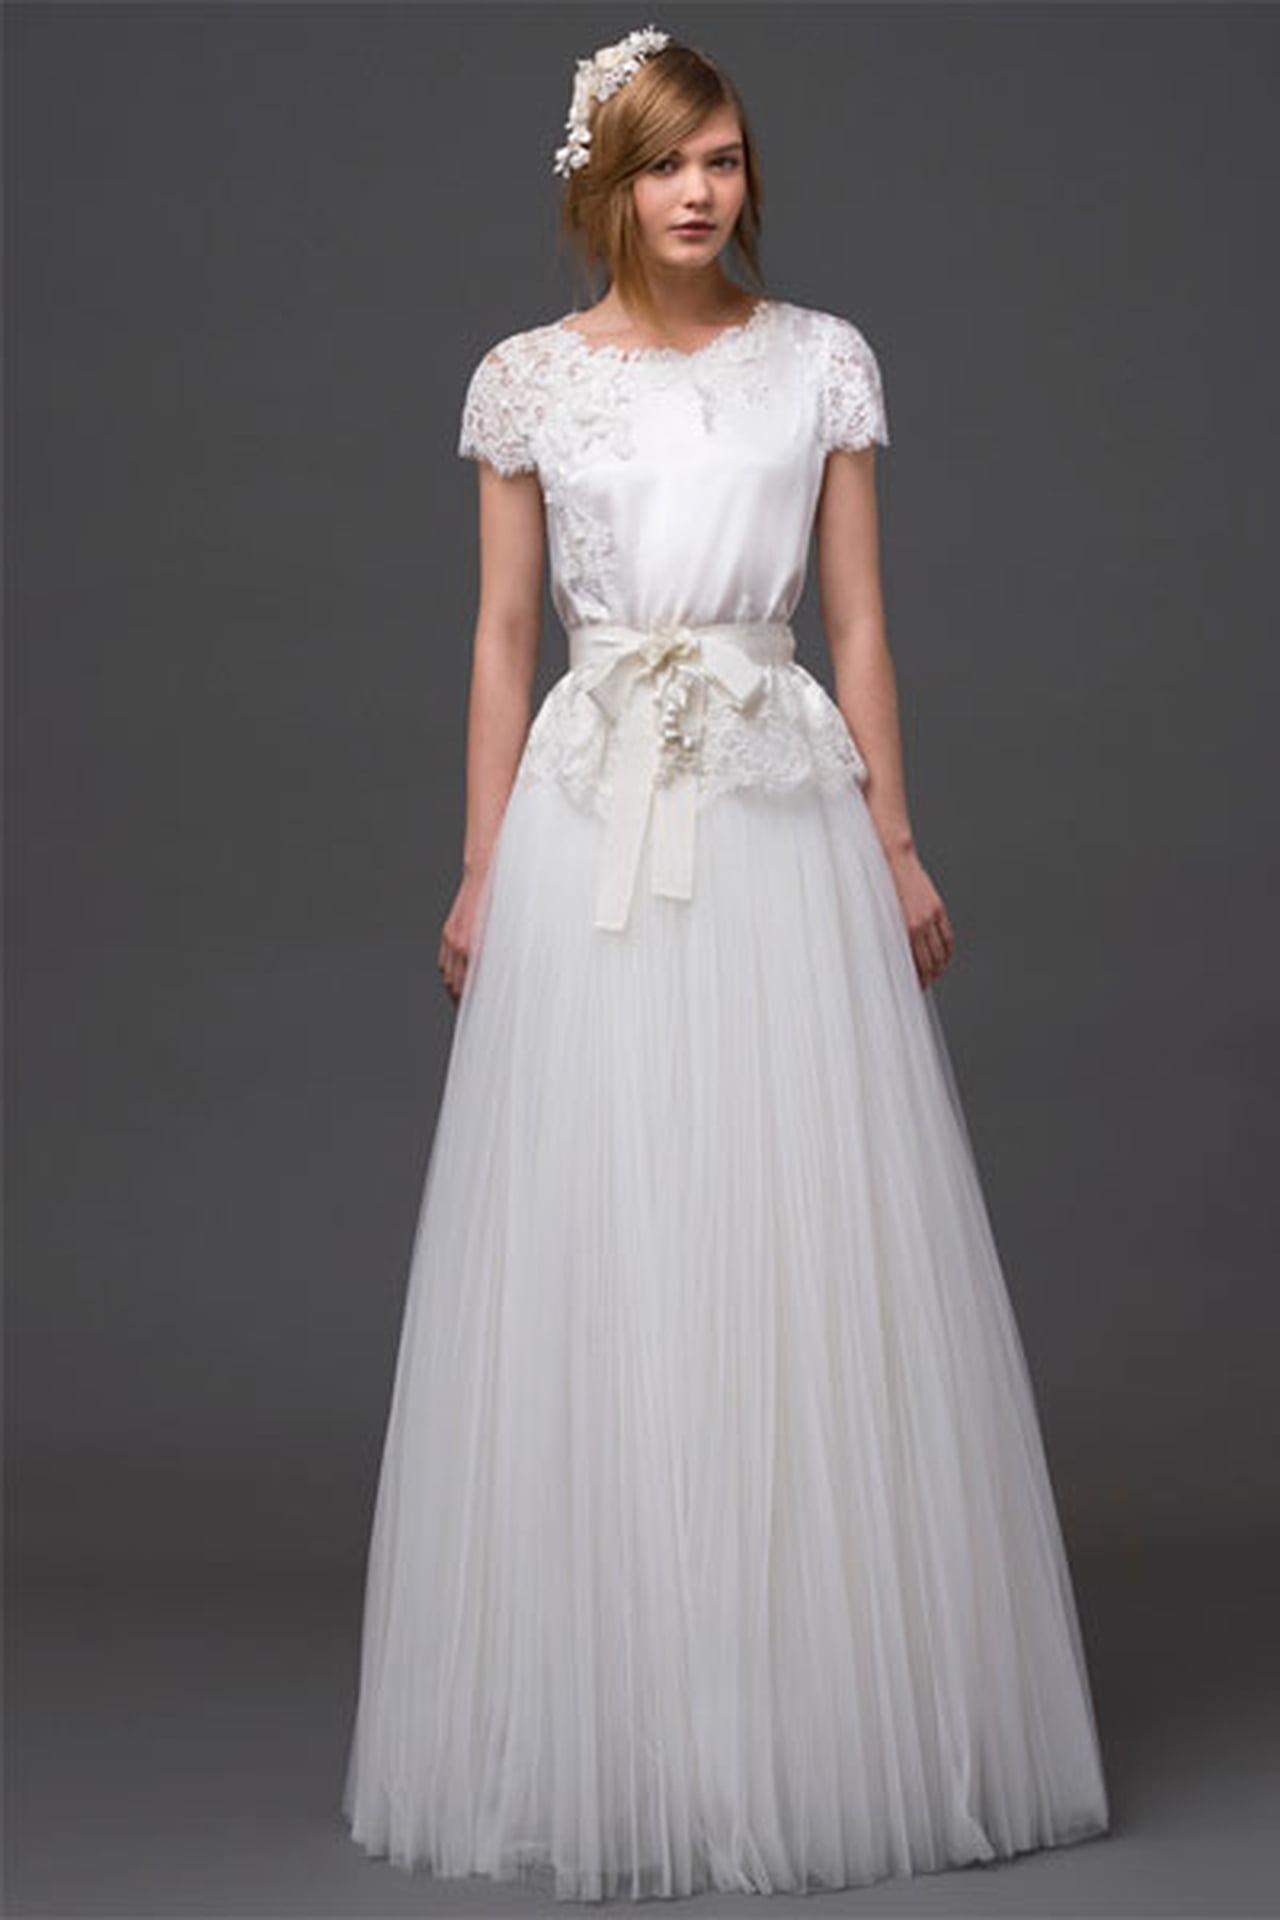 فساتين زفاف البرتا فيريتي 819886